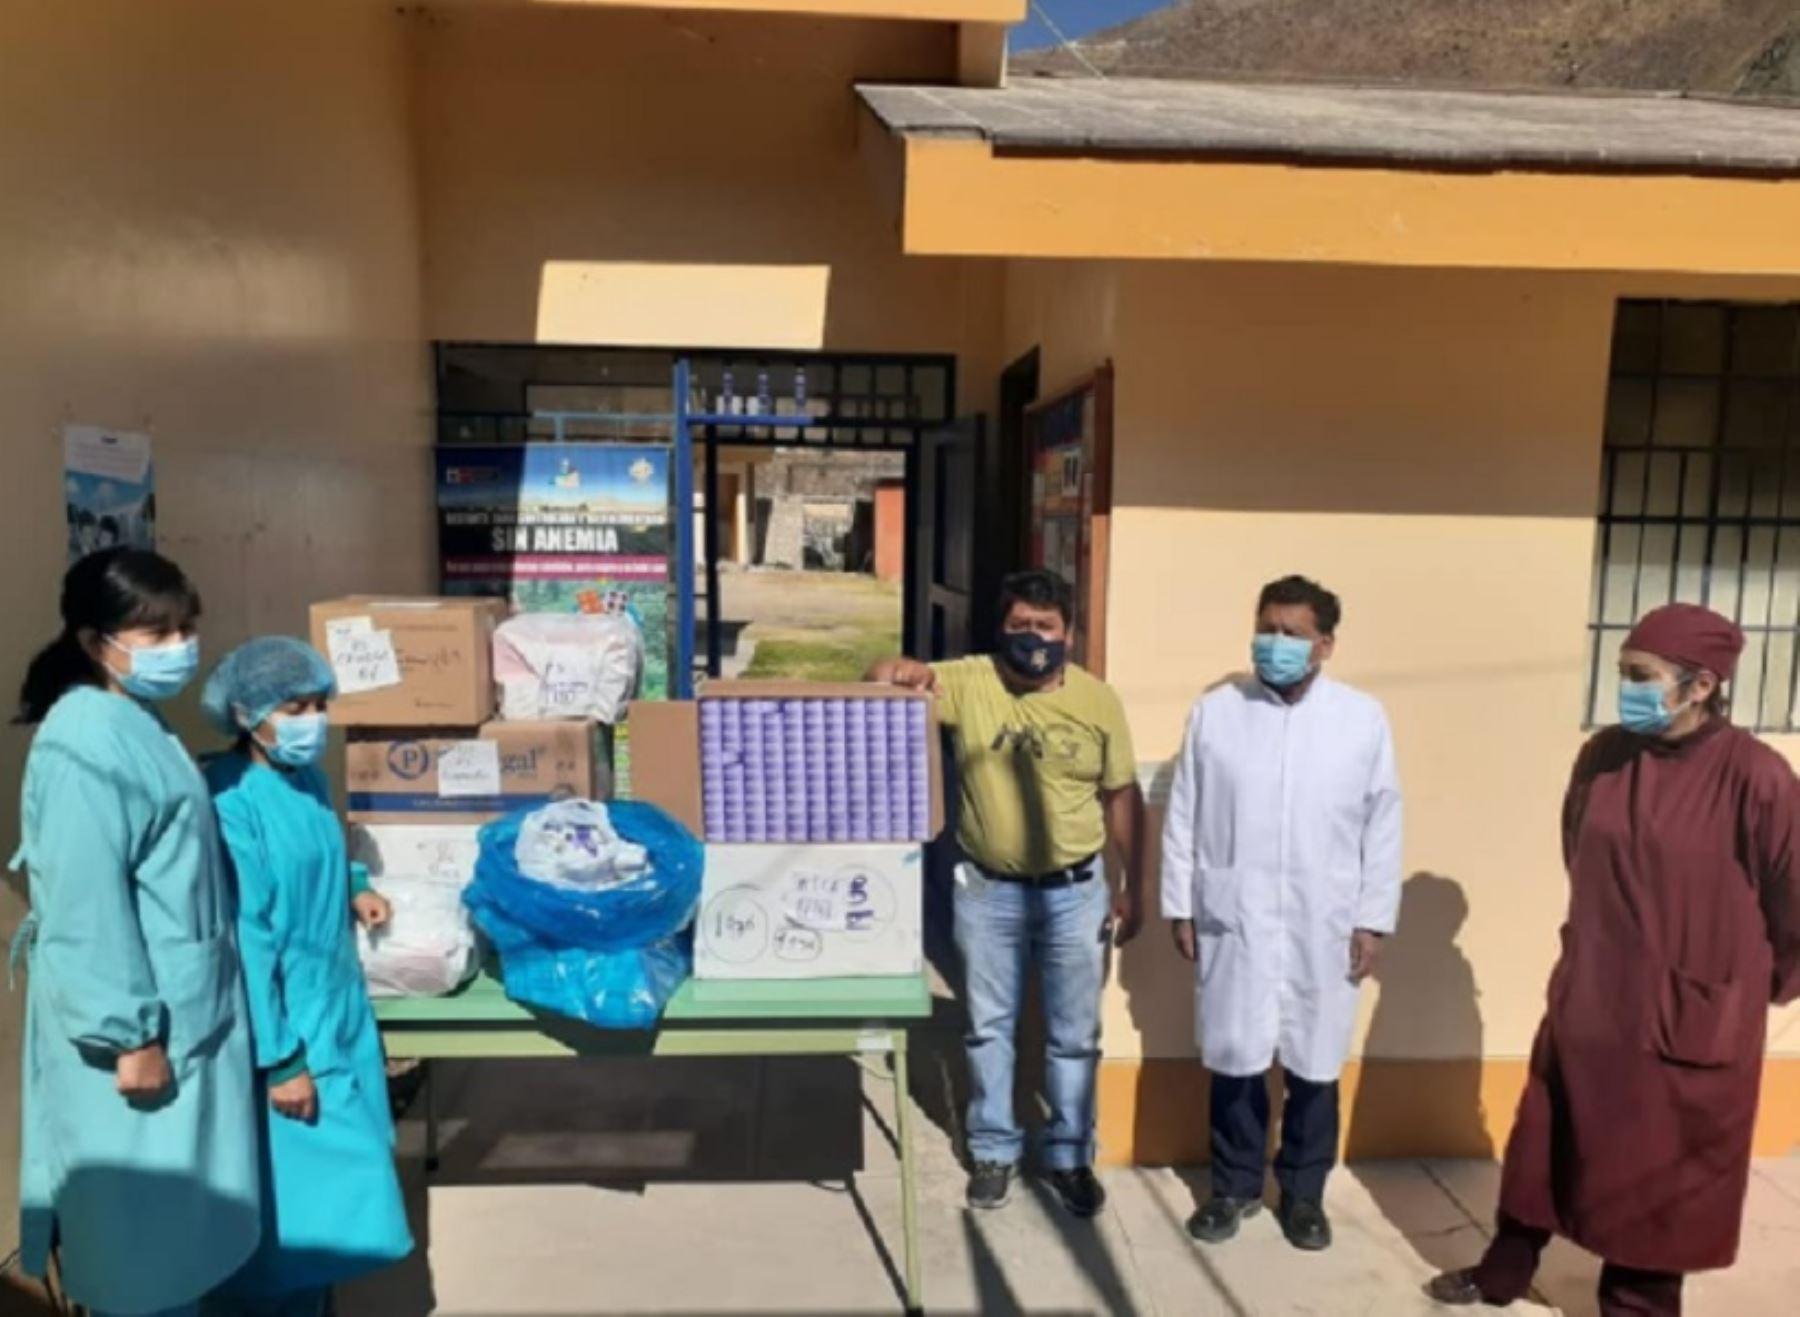 Los centros de salud de las provincias La Unión y Caravelí, las más alejadas de la región Arequipa, recibieron 5,000 y 4,000 dosis de medicamentos para los pacientes afectados por el nuevo coronavirus (covid-19), respectivamente.